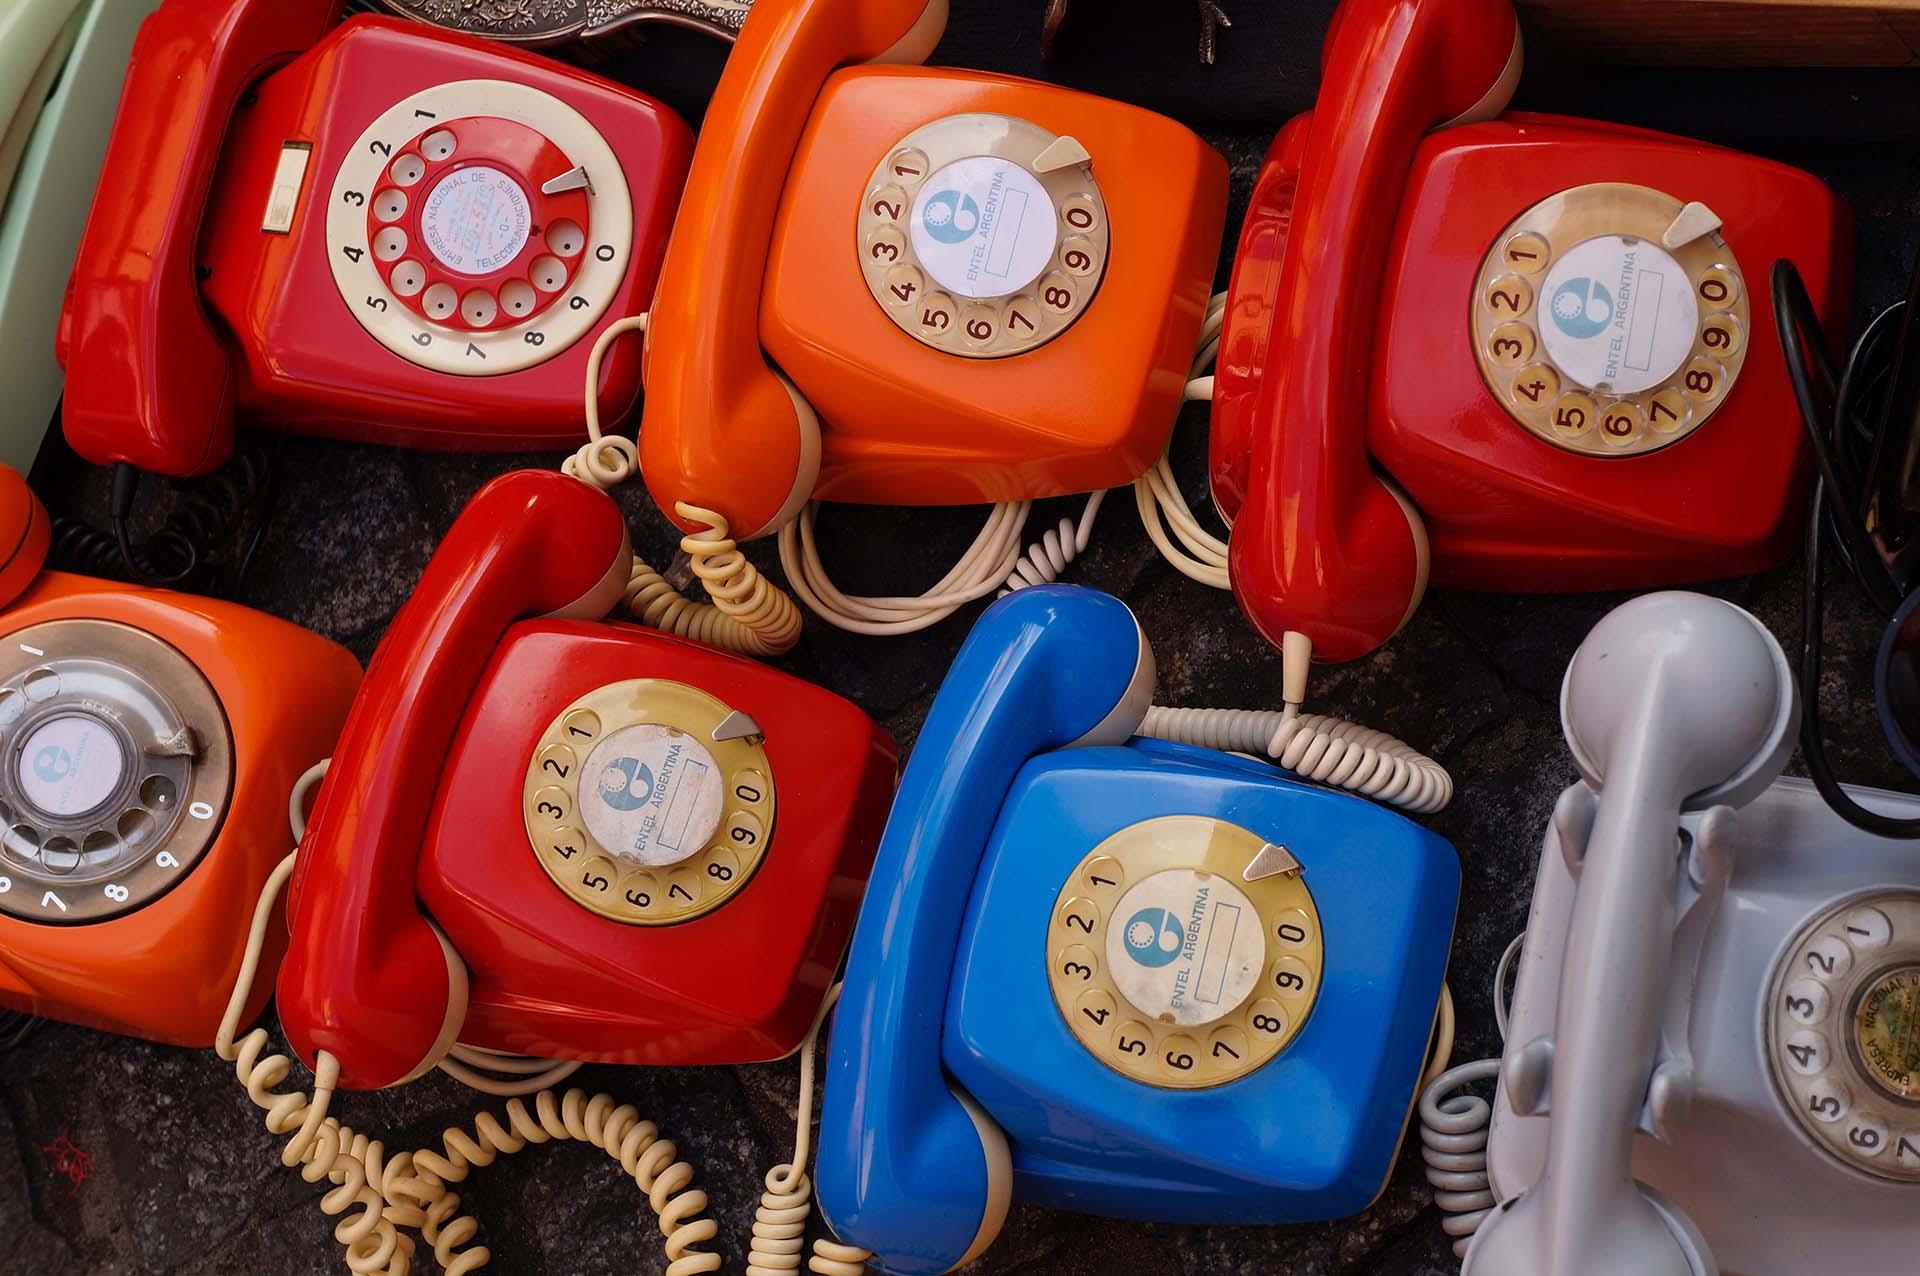 Soluzioni VoIP per alberghi e aziende